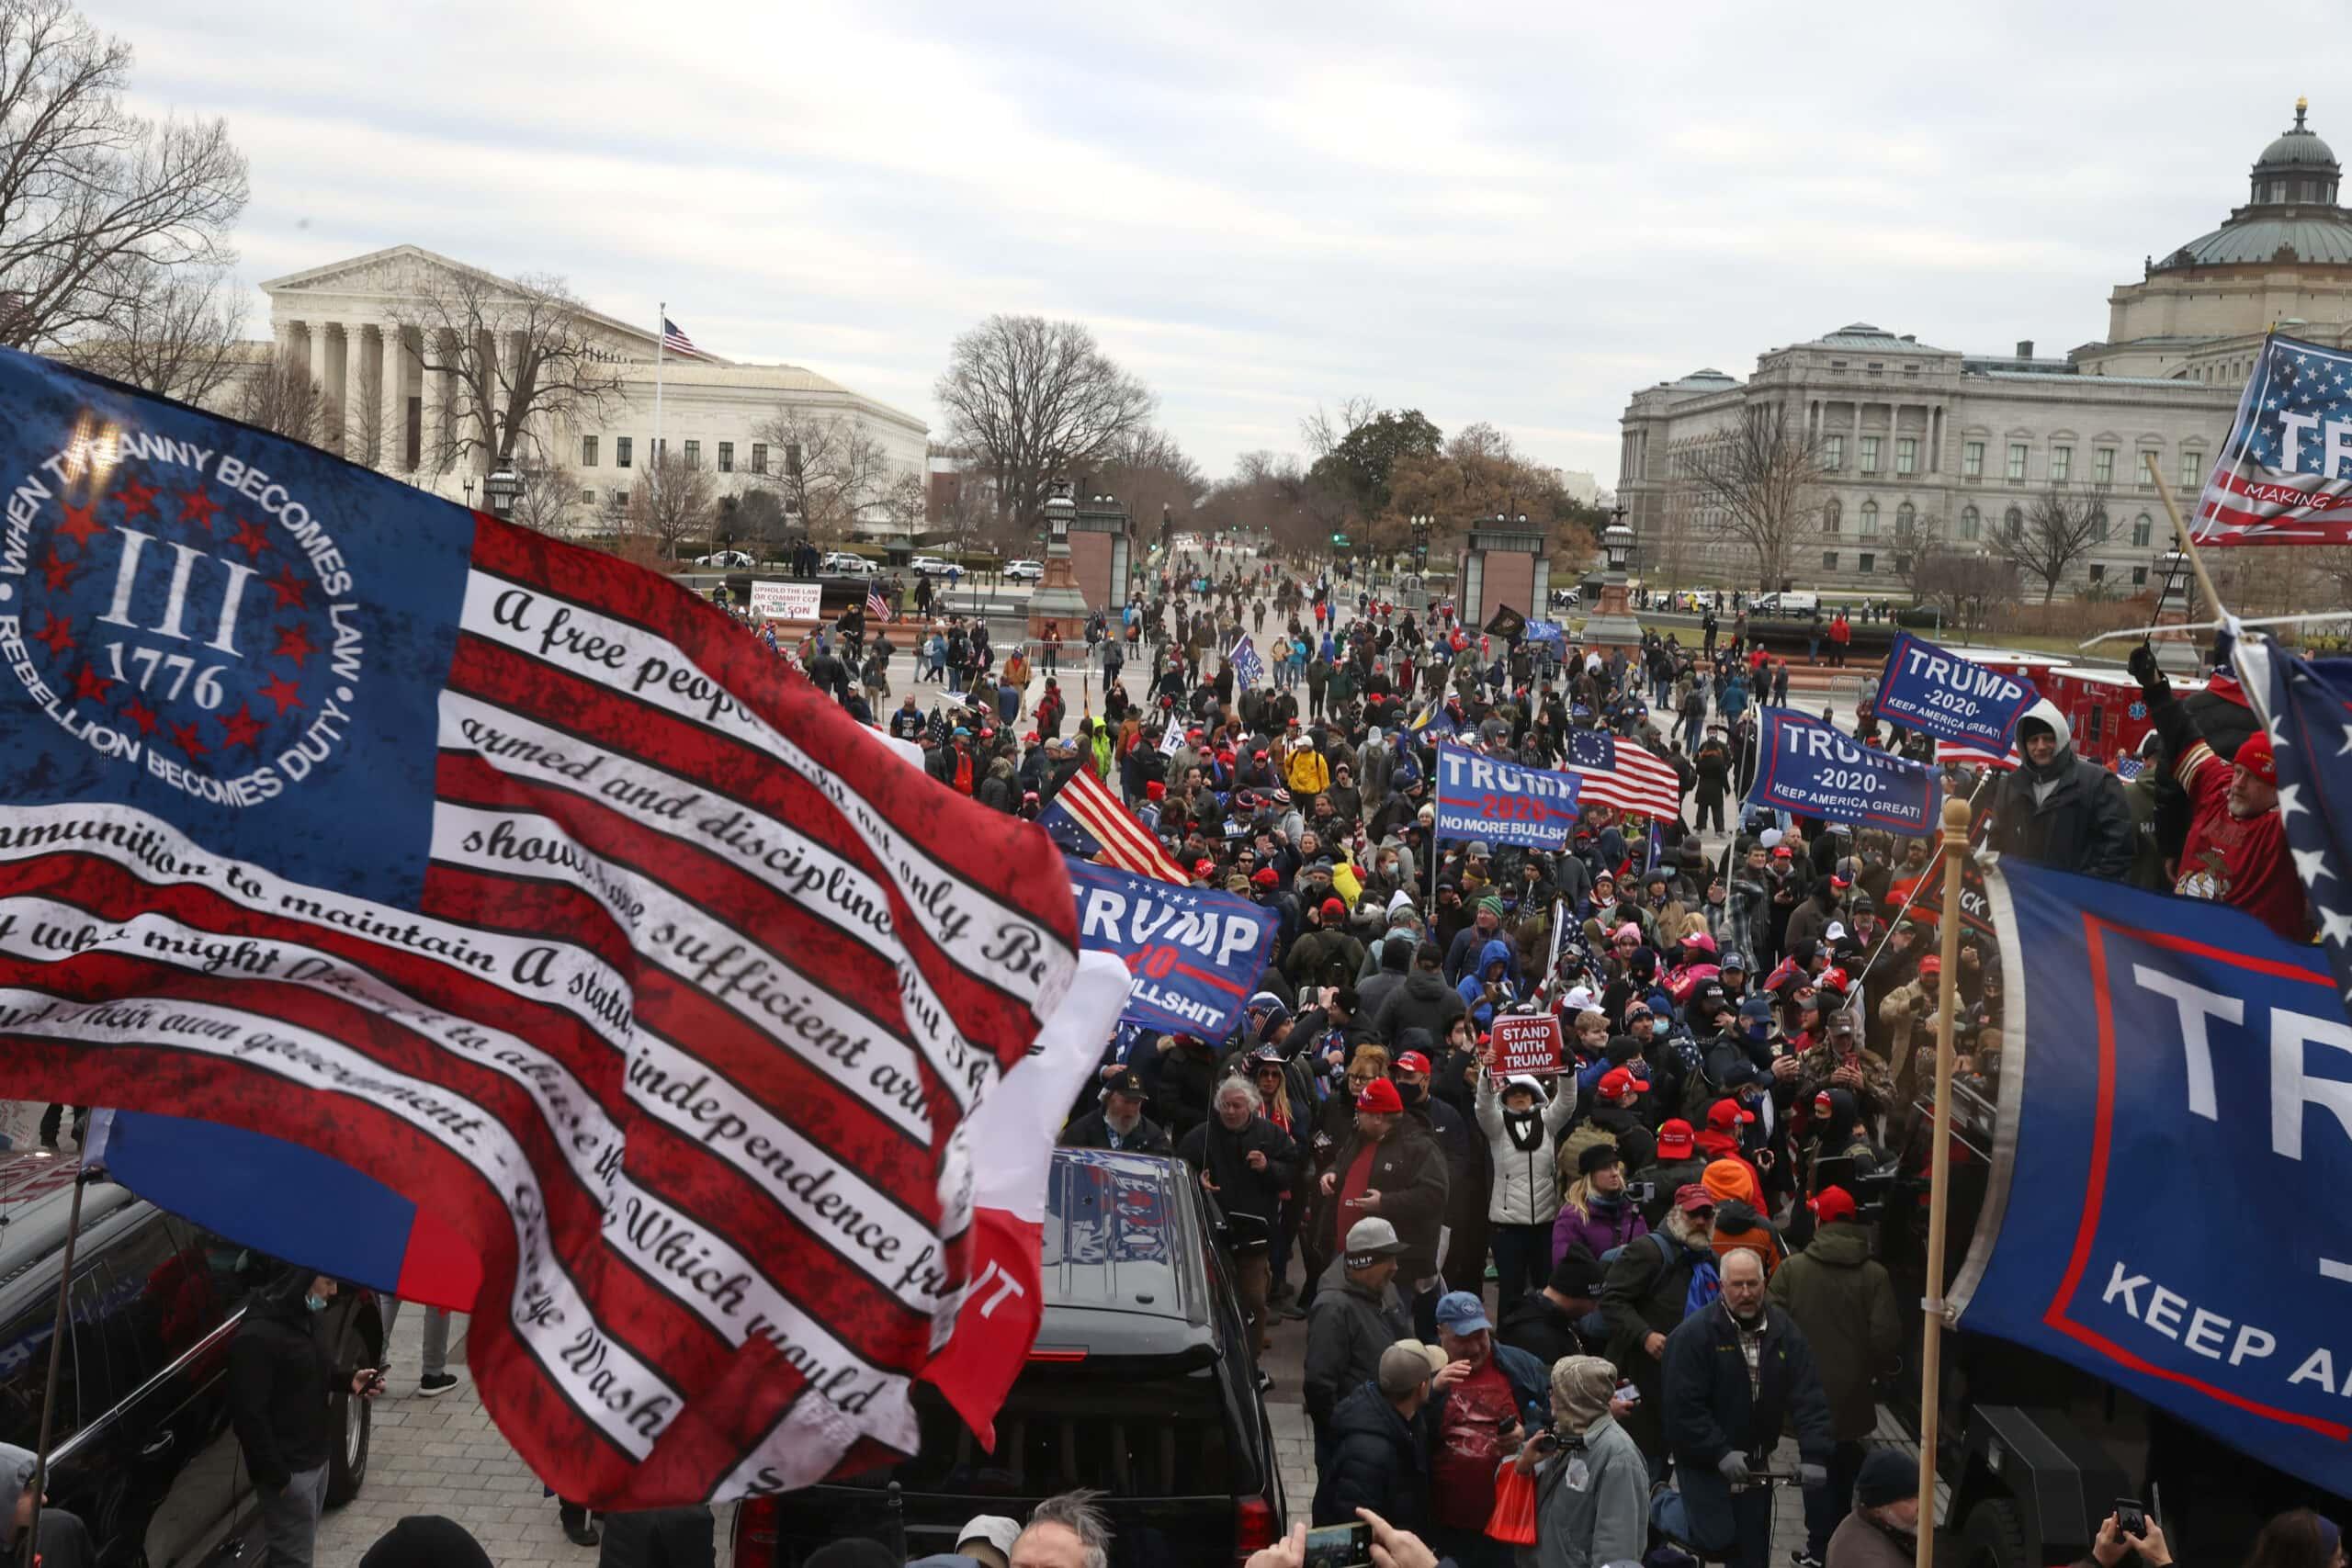 תומכי טראמפ נאספים בגבעת הקפיטול, 6 בינואר 2021 (צילום: Tasos Katopodis/Getty Images/JTA)